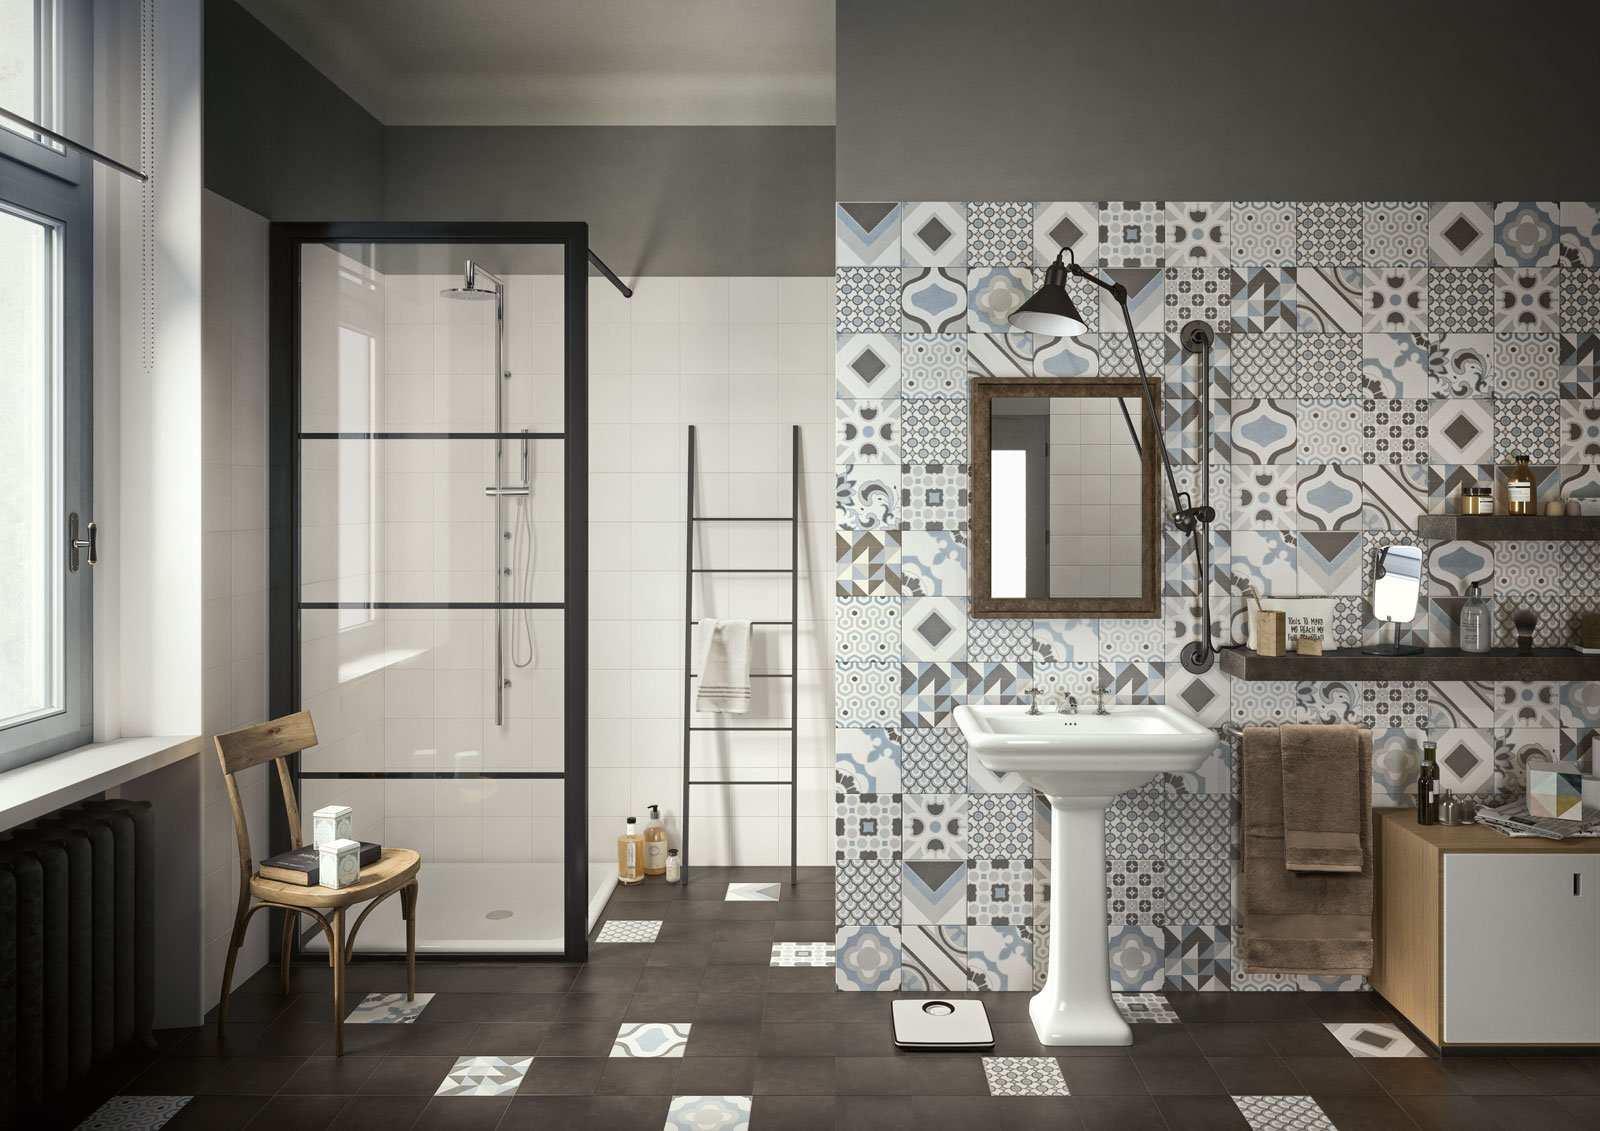 Piastrelle effetto cementine in versione attuale cose - Piastrelle diamantate bagno ...